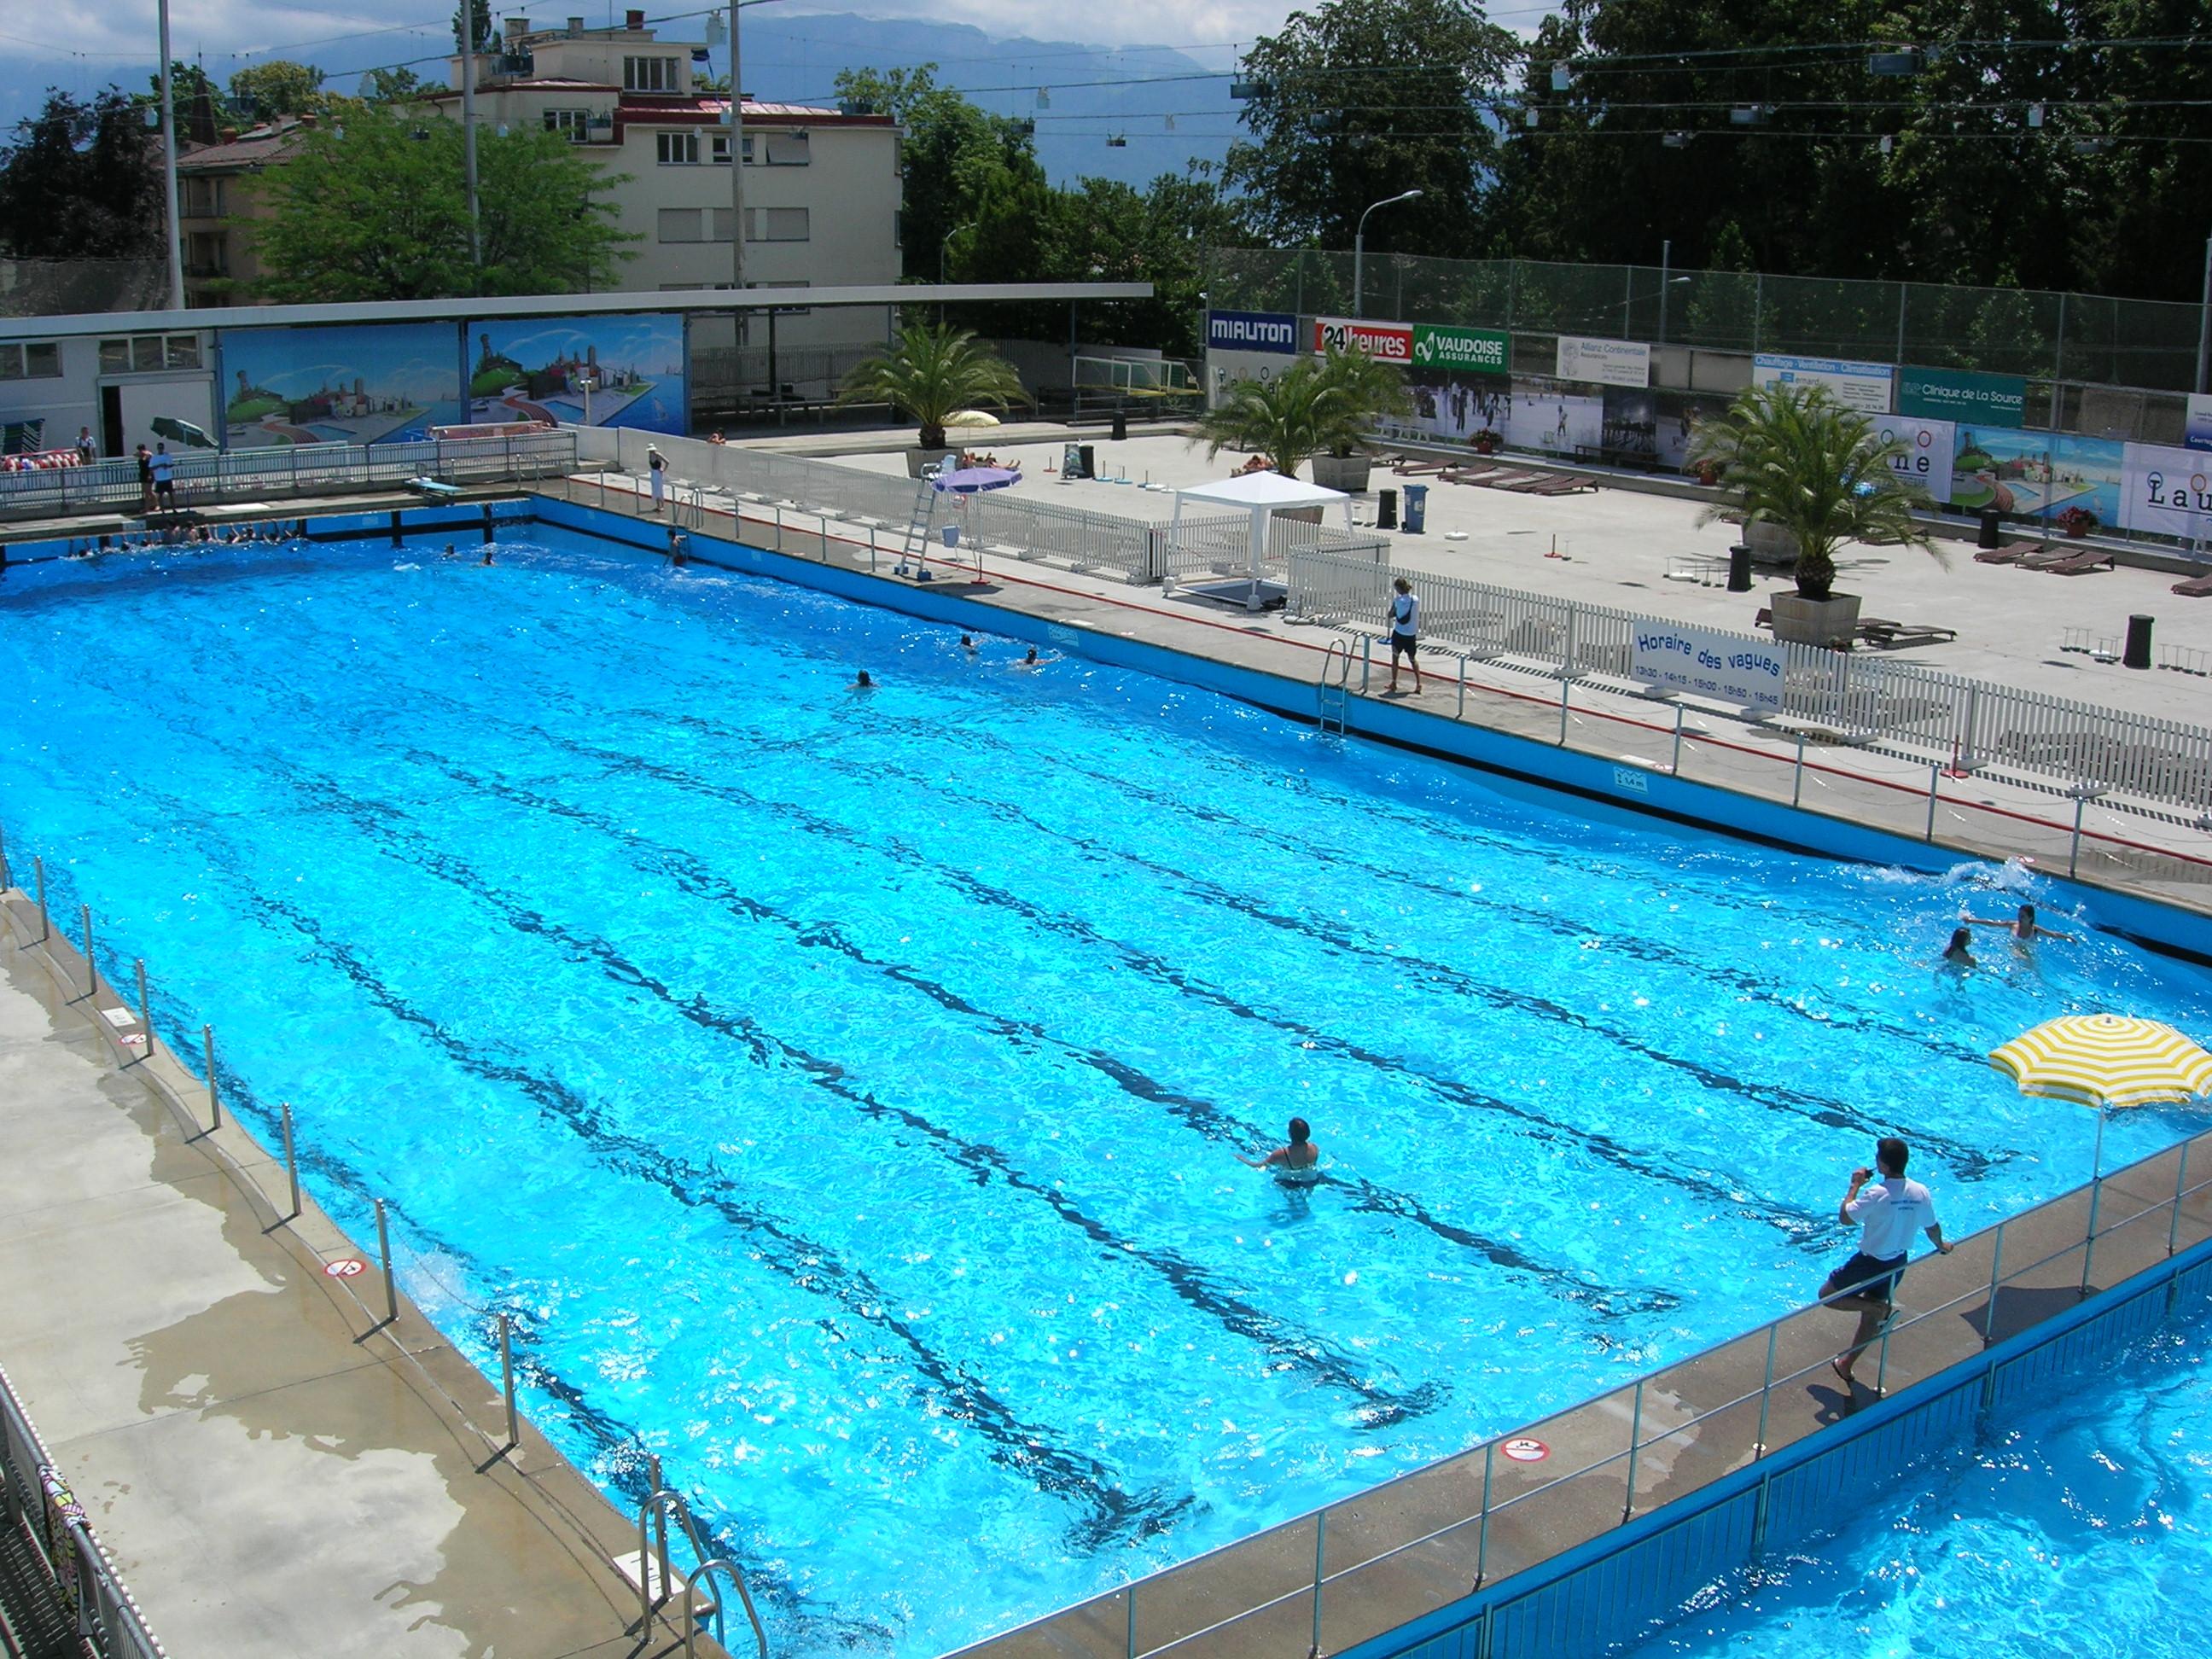 Pr parez vos bikinis et vos tongs les piscines ouvrent le for Bellerive lausanne piscine